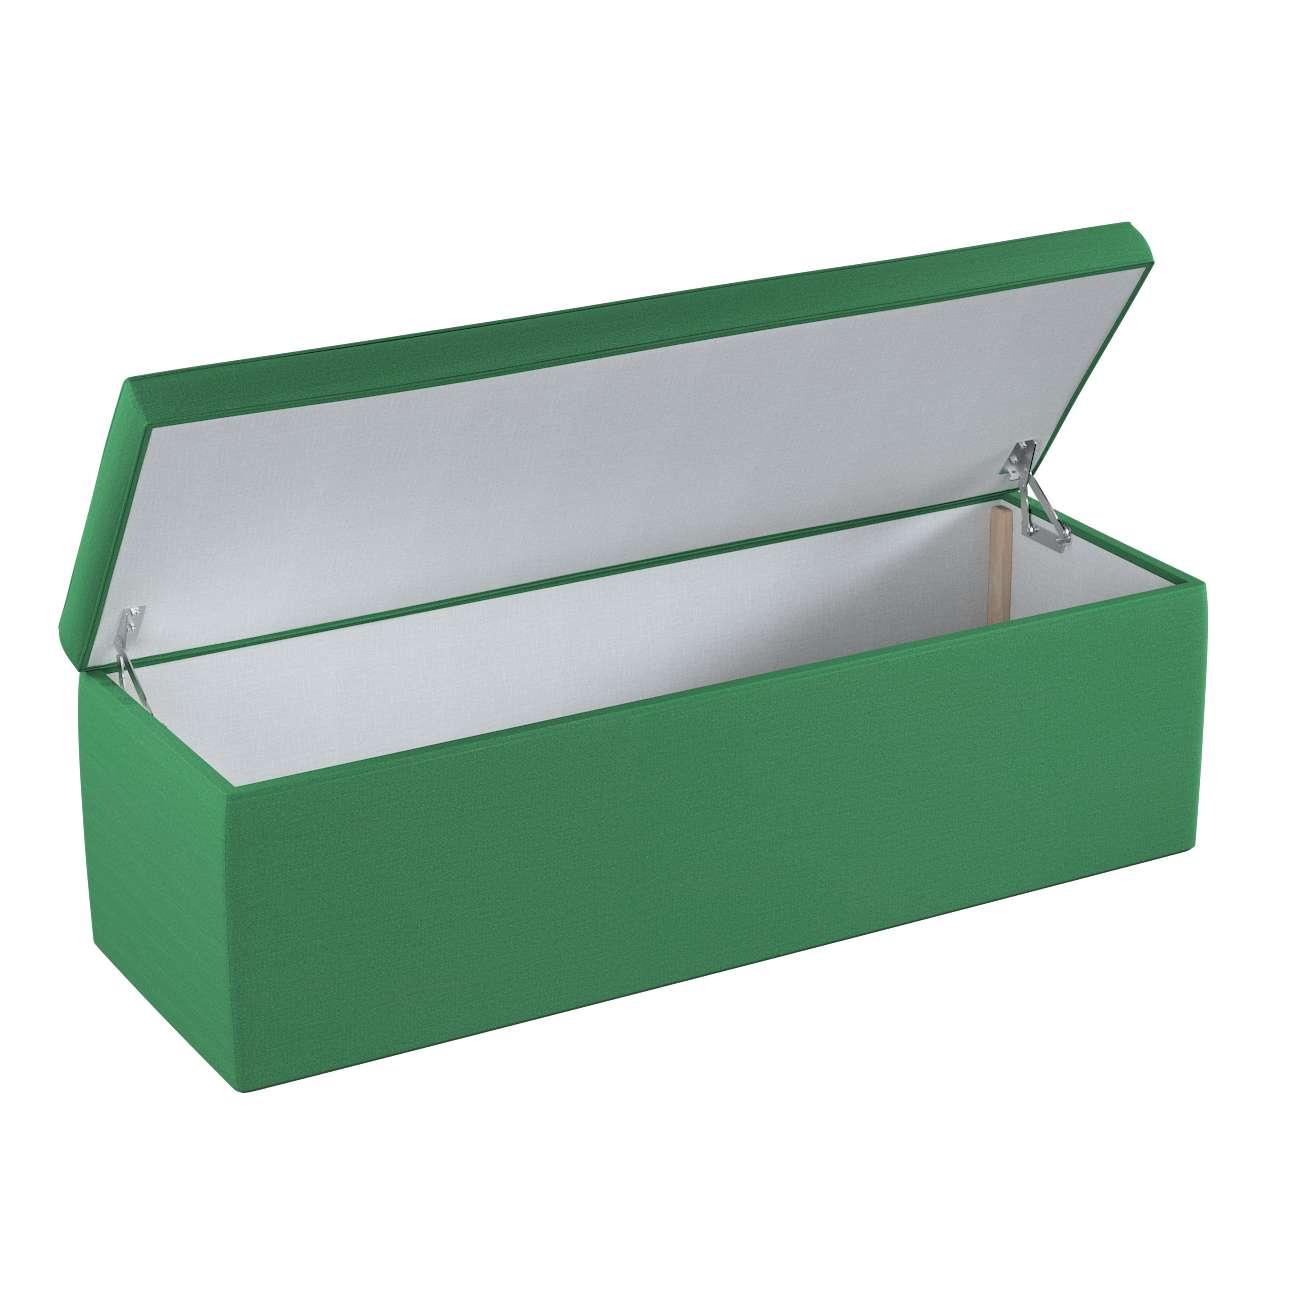 Čalouněná skříň s volbou látky - 2 velikosti v kolekci Loneta, látka: 133-18